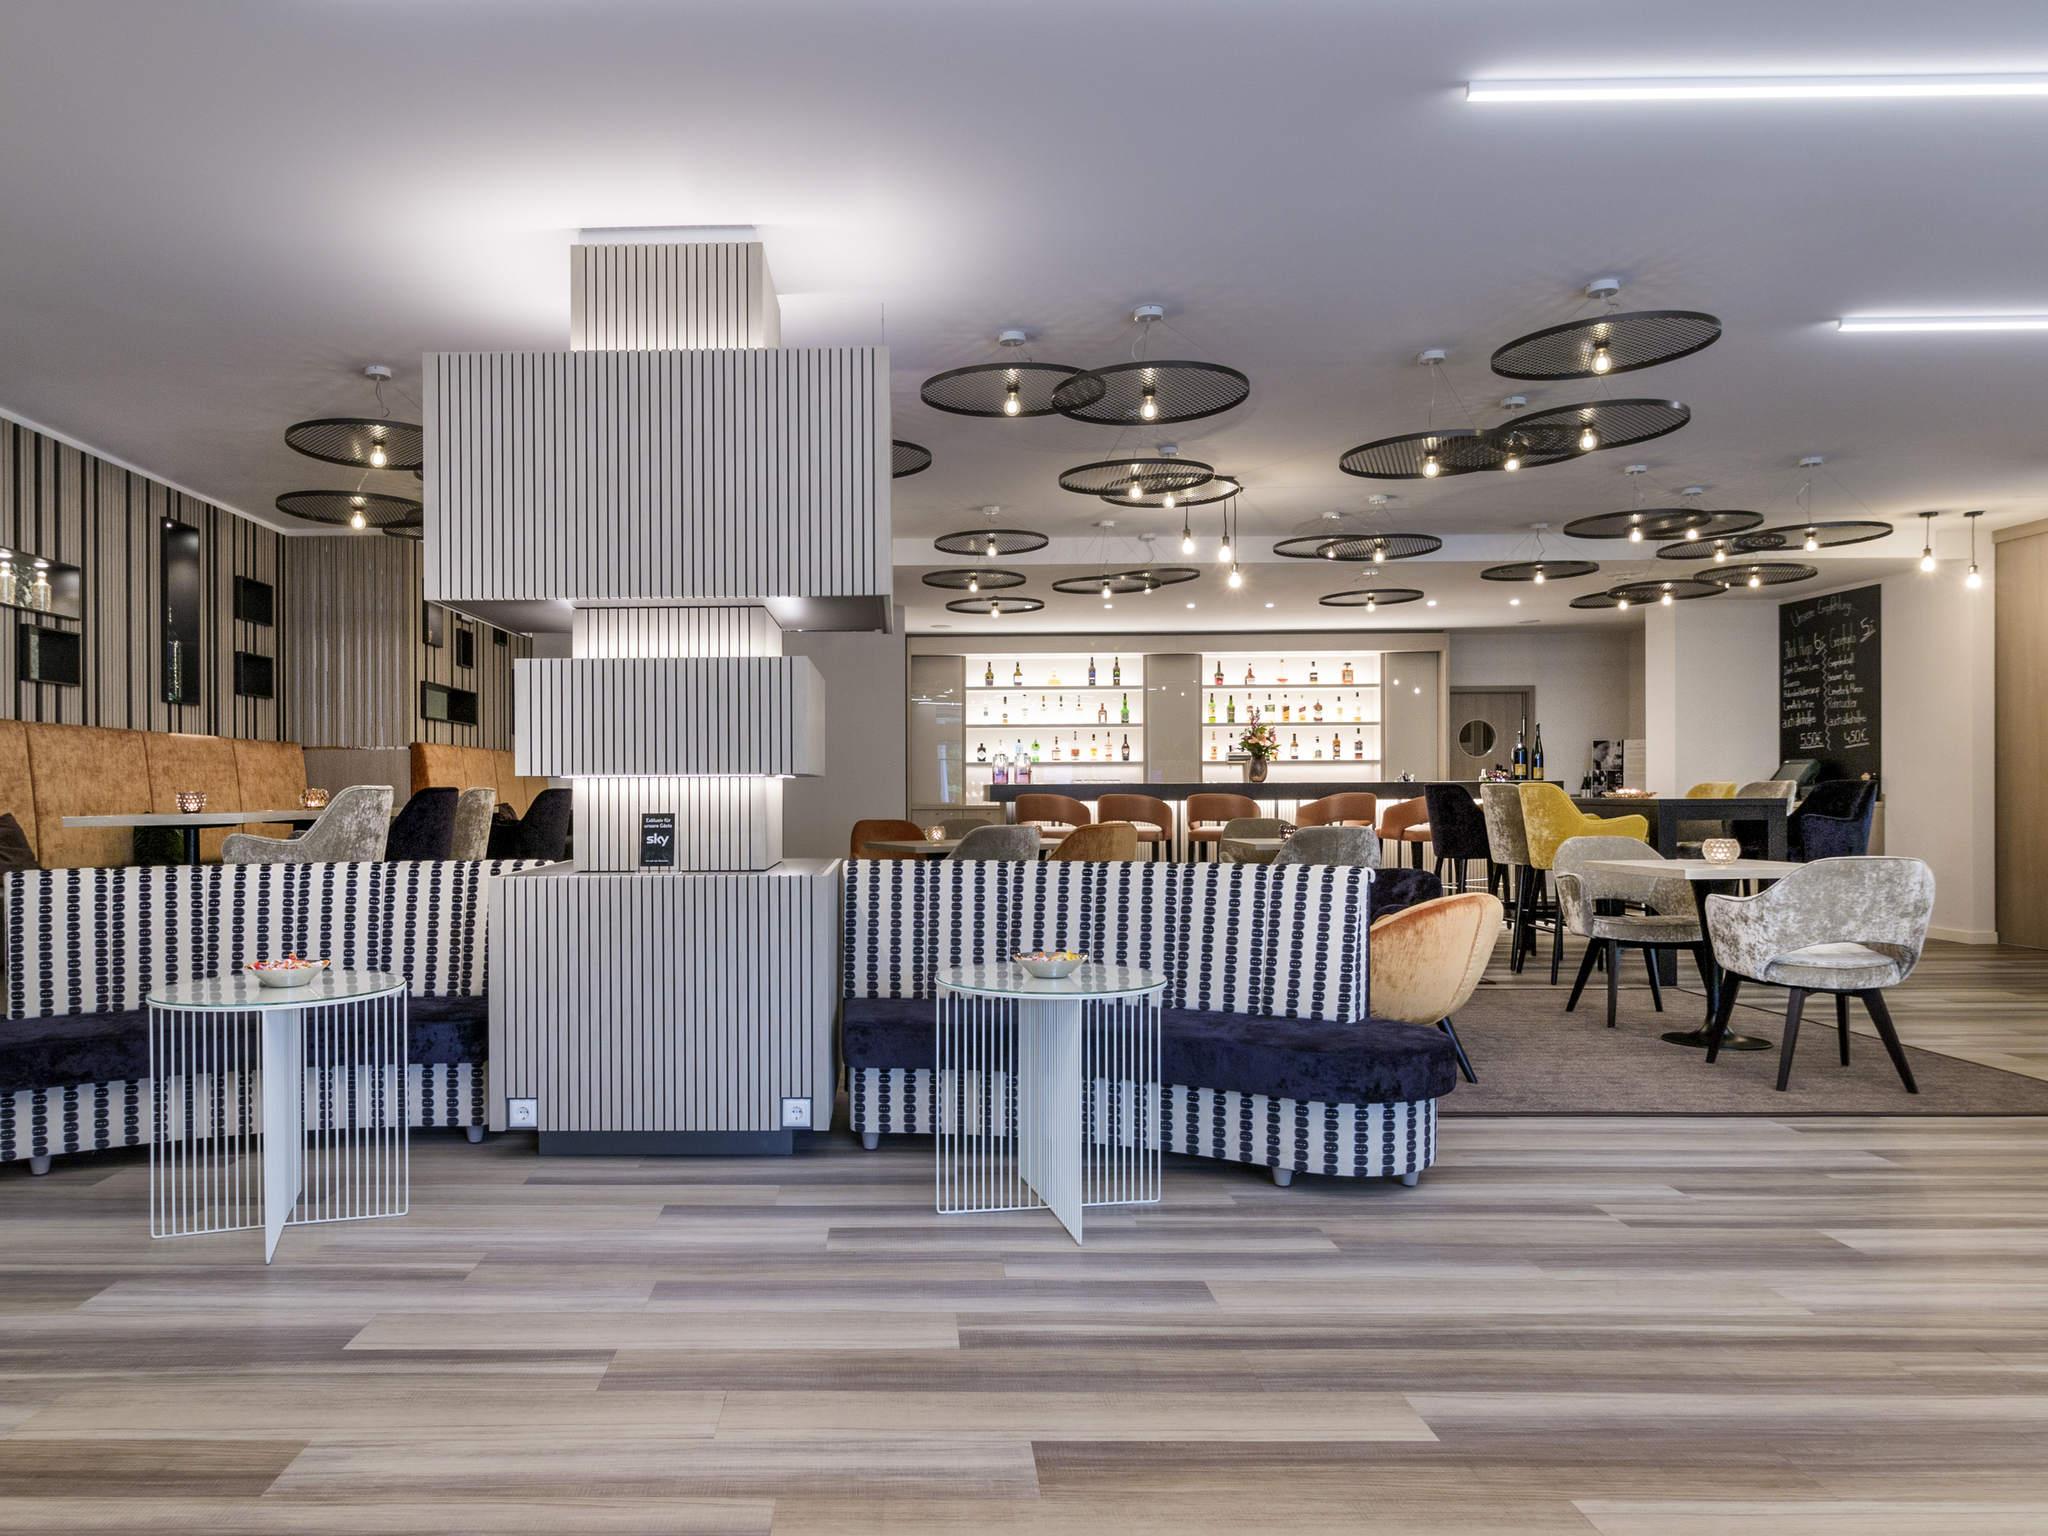 Otel – Mercure Hotel Hannover Oldenburger Allee